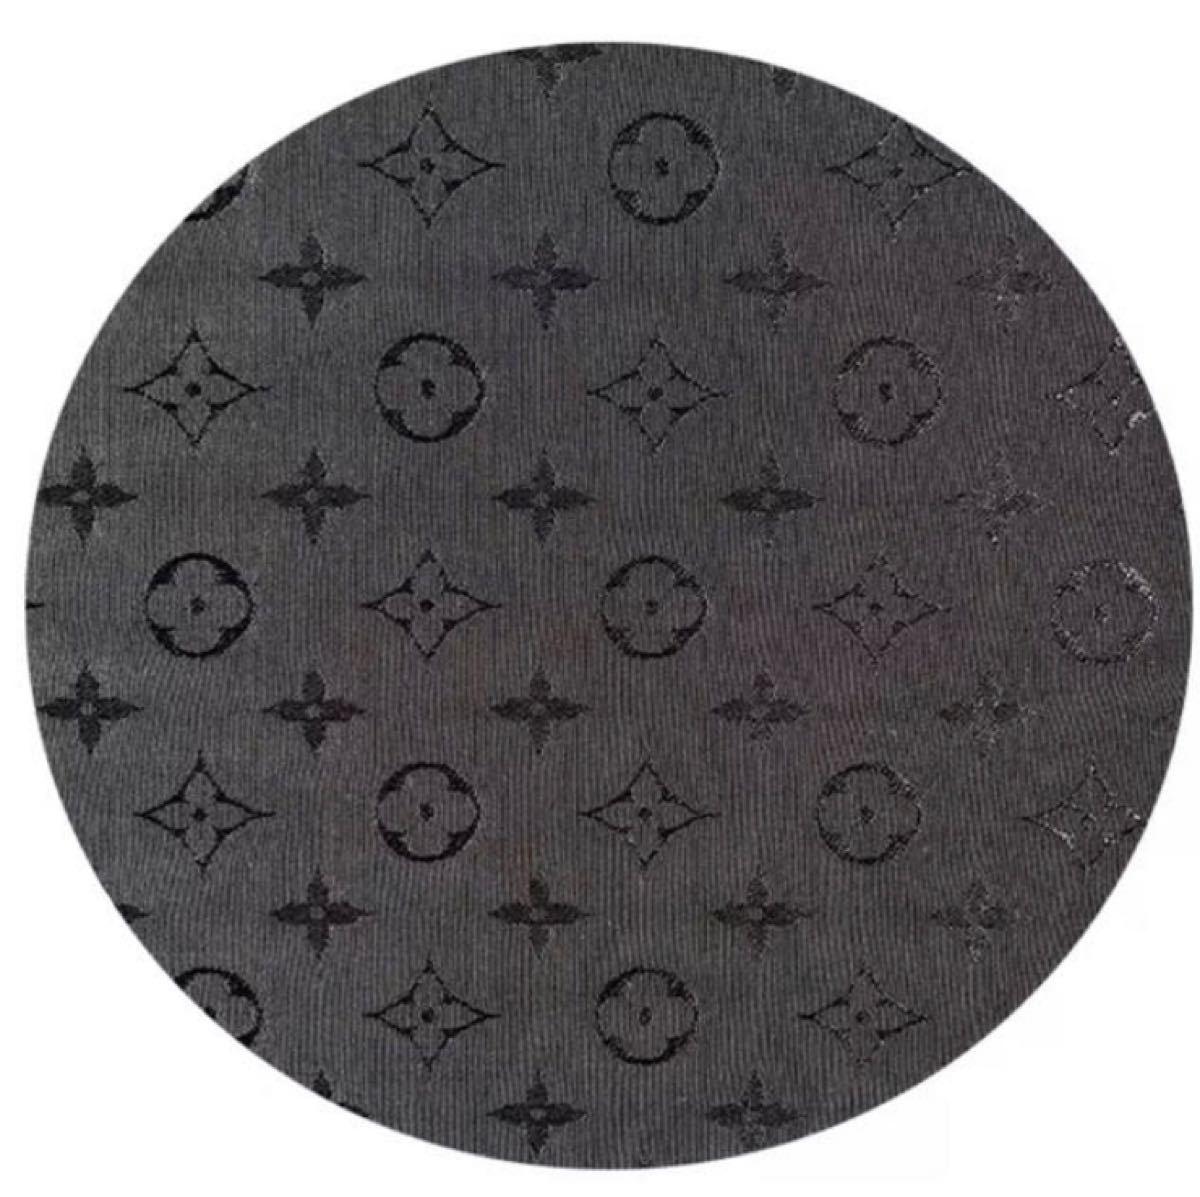 生地 布地 モノグラム柄 ノーブランド 幅約160×80cm  ハギレ  はぎれ